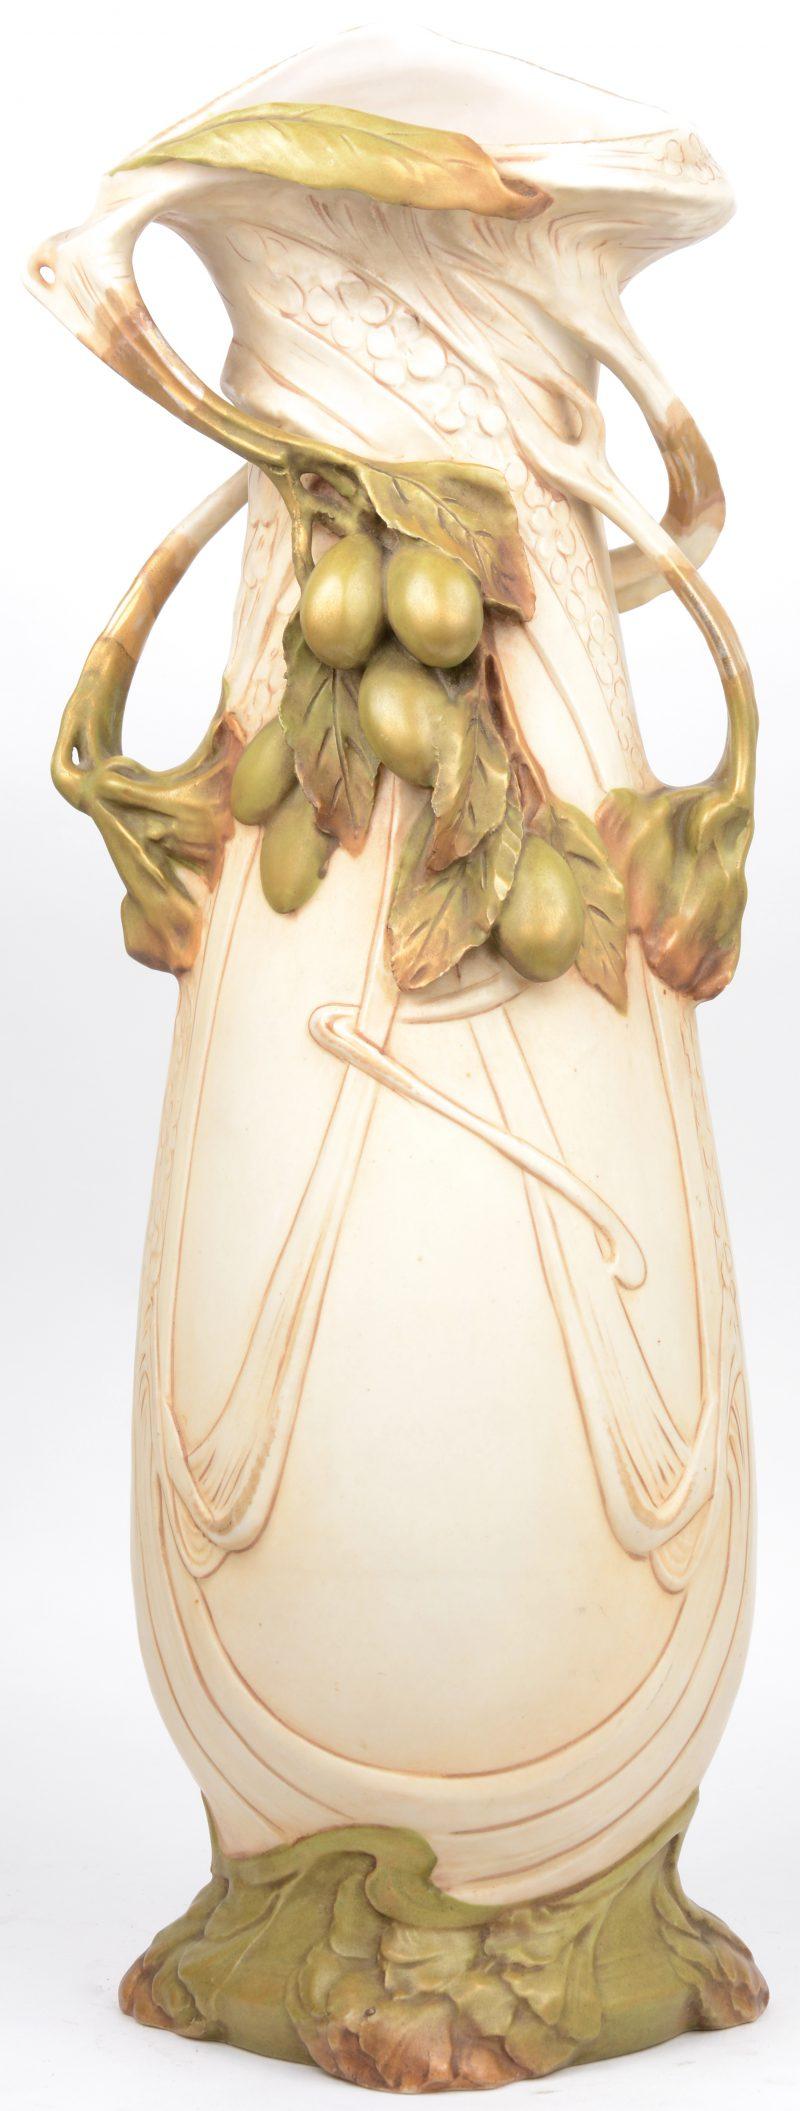 Een art nouveau siervaas van gepolychromeerd porselein met versieringen van bladeren en vruchten in hoogreliëf. Onderaan gemerkt.